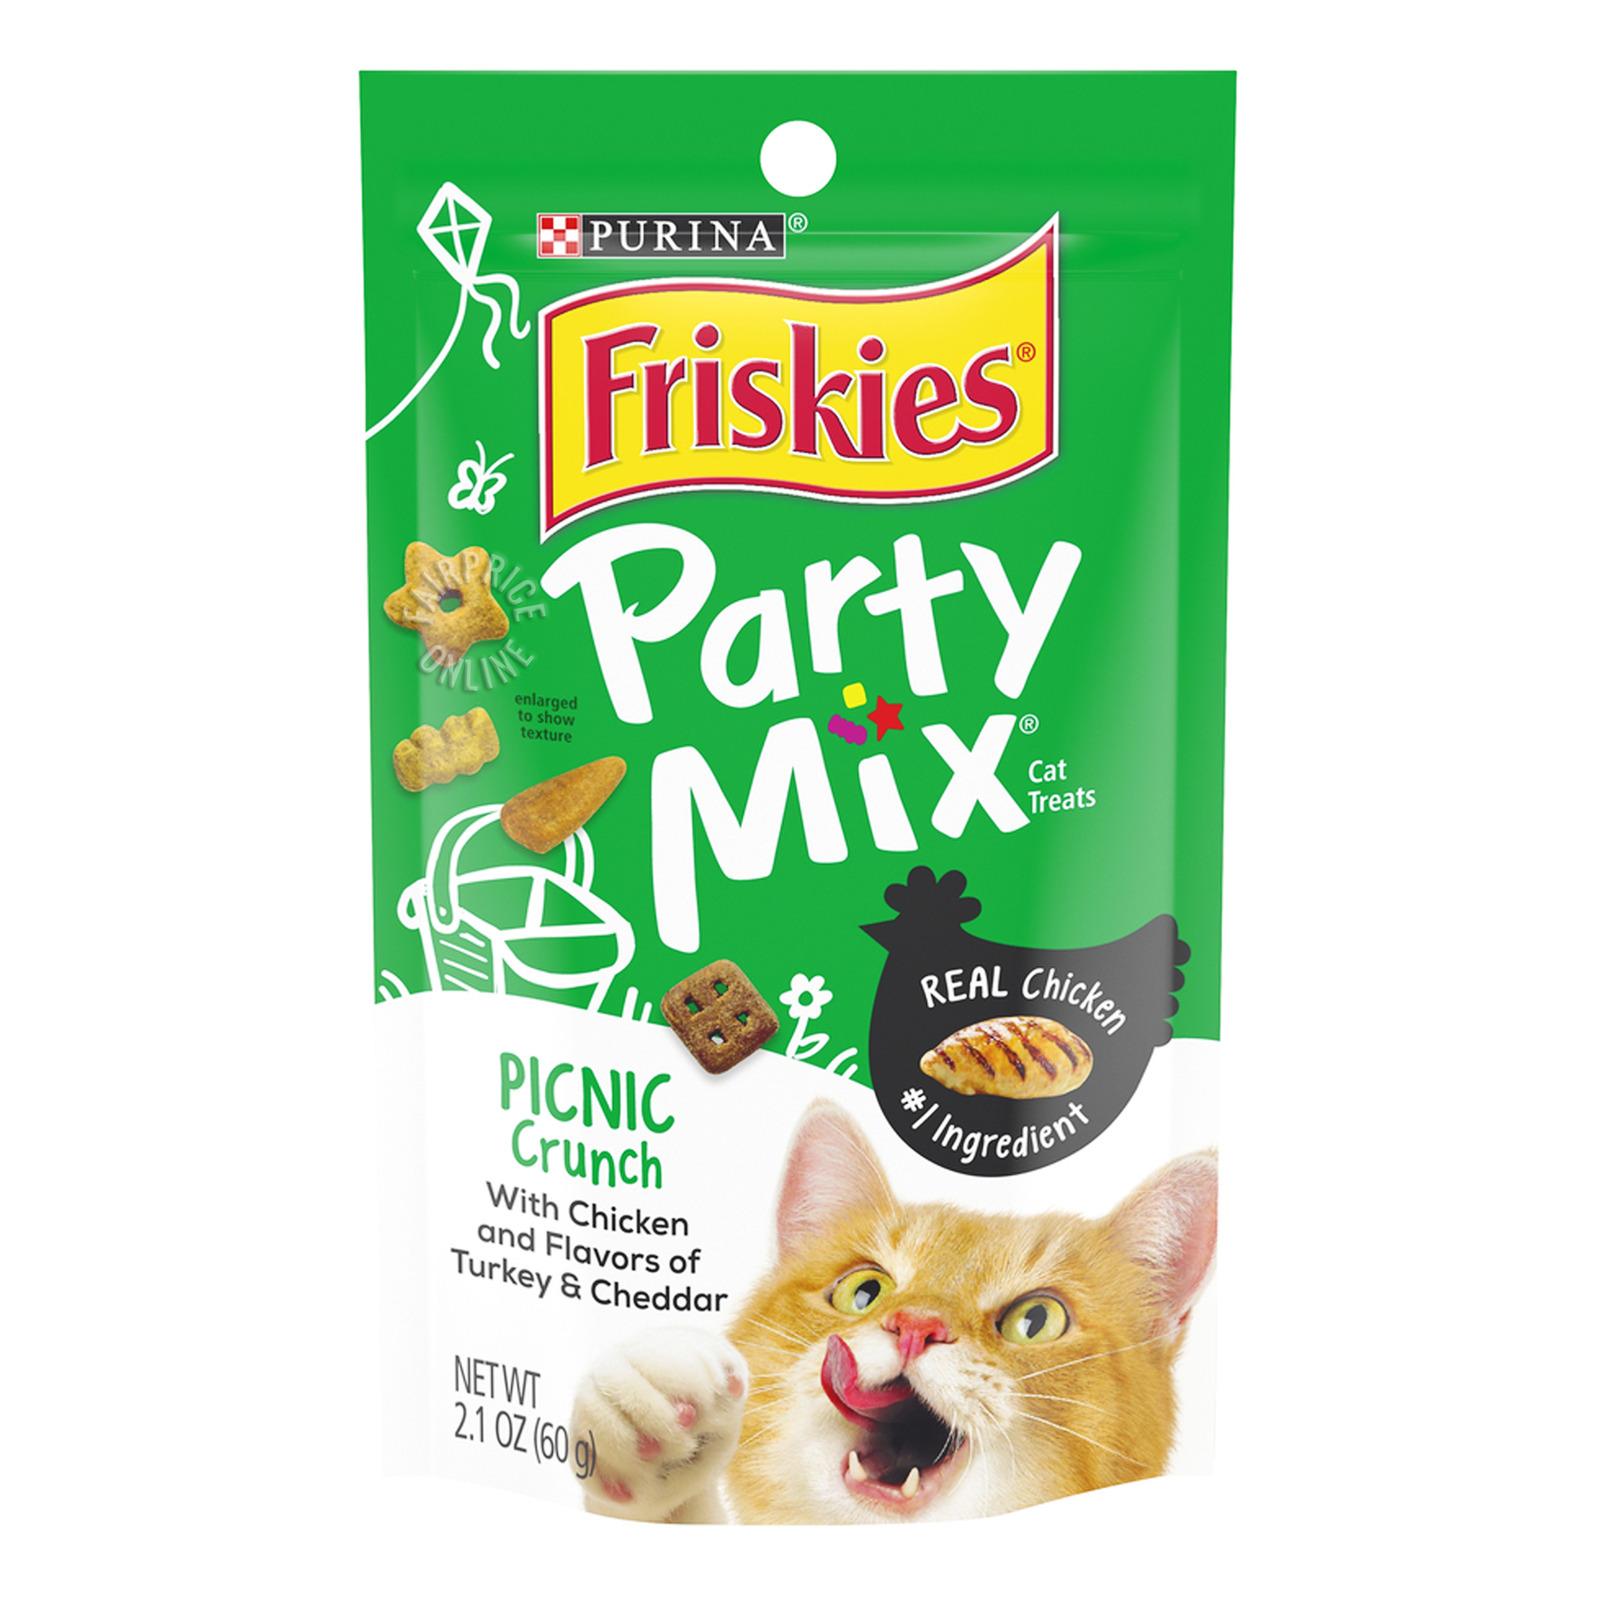 Friskies Party Mix Cat Treats - Picnic Crunch